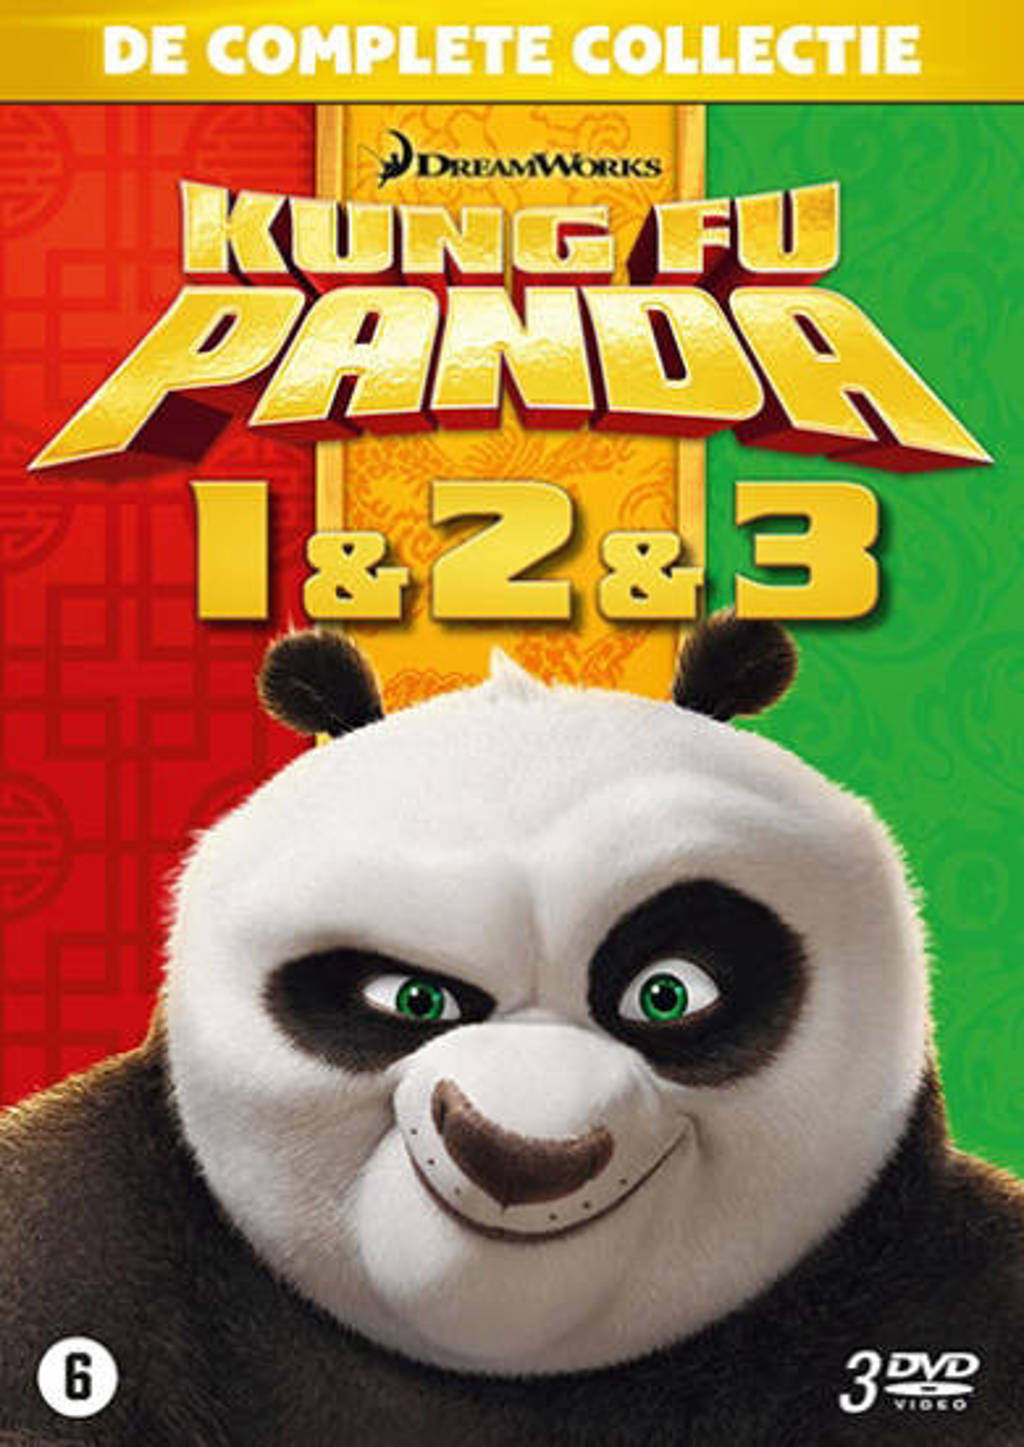 Kung fu panda 1-3 (DVD)